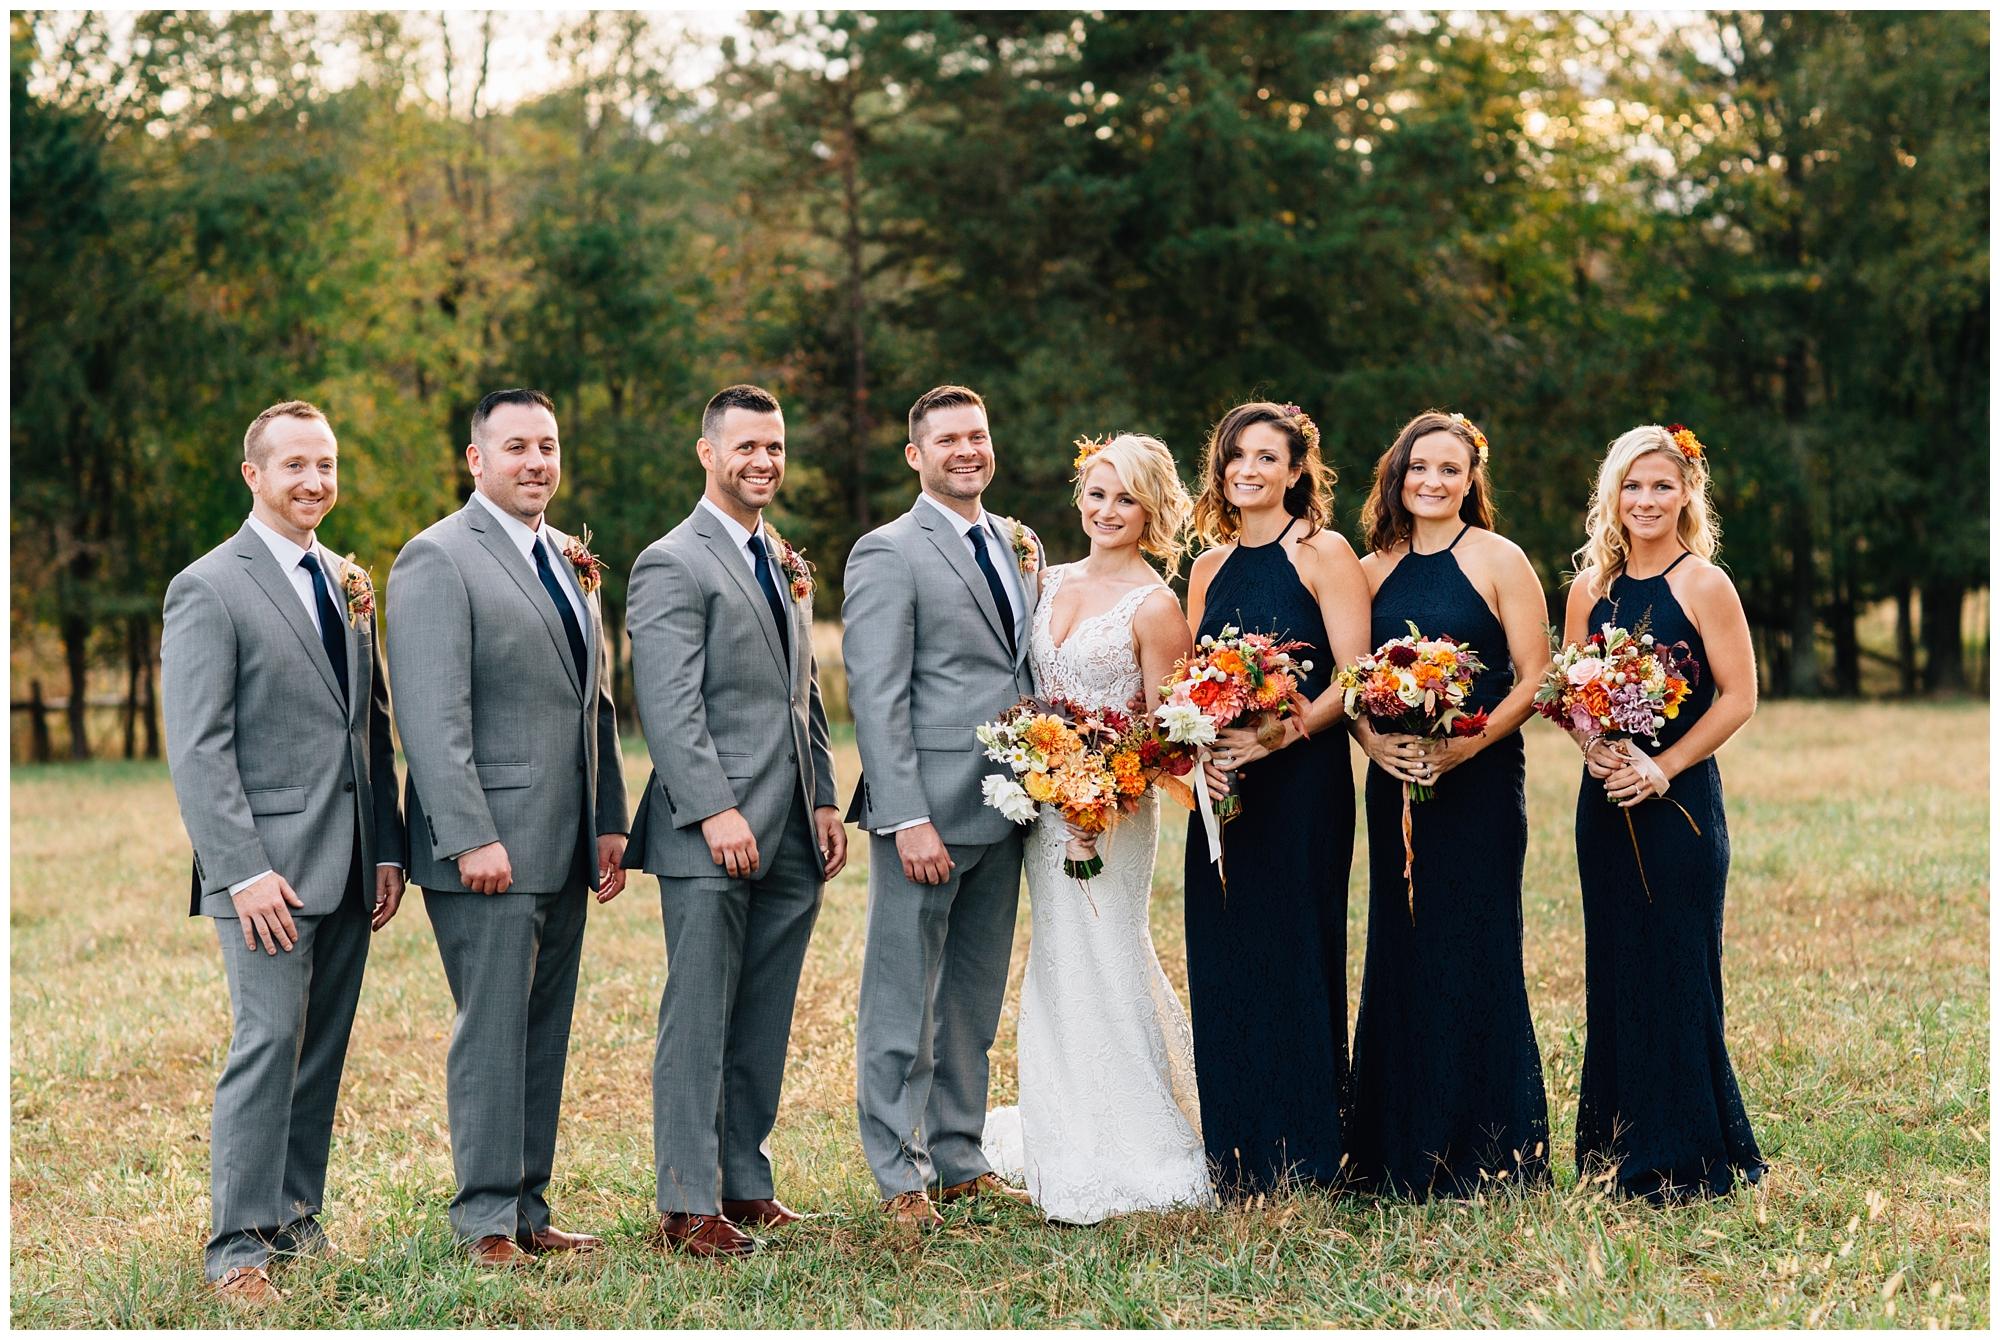 Sassafras-Fork-Farm-Wedding-31.jpg